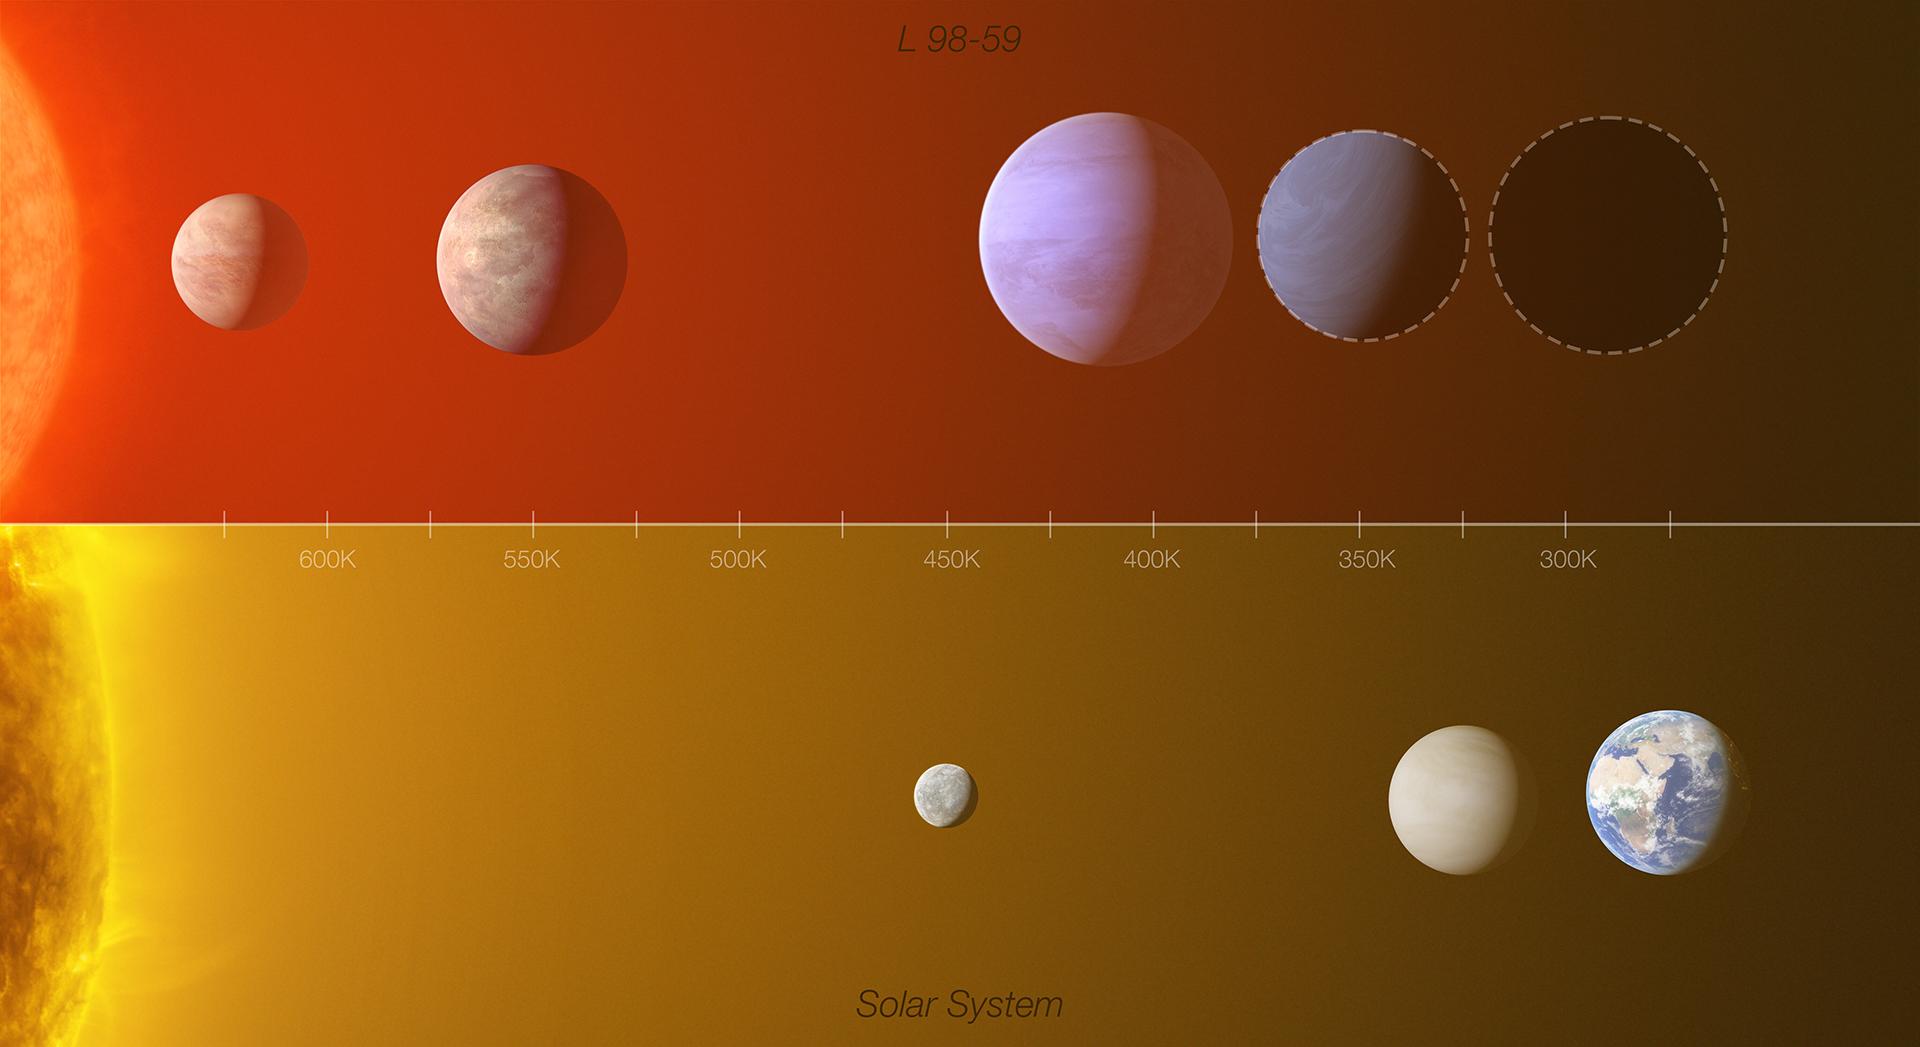 Comparación del sistema de exoplanetas de L 98-59 con la zona interior del Sistema Solar. Crédito: ESO/L. Calçada /M. Kornmesser (Reconocimiento: O. Demangeon)